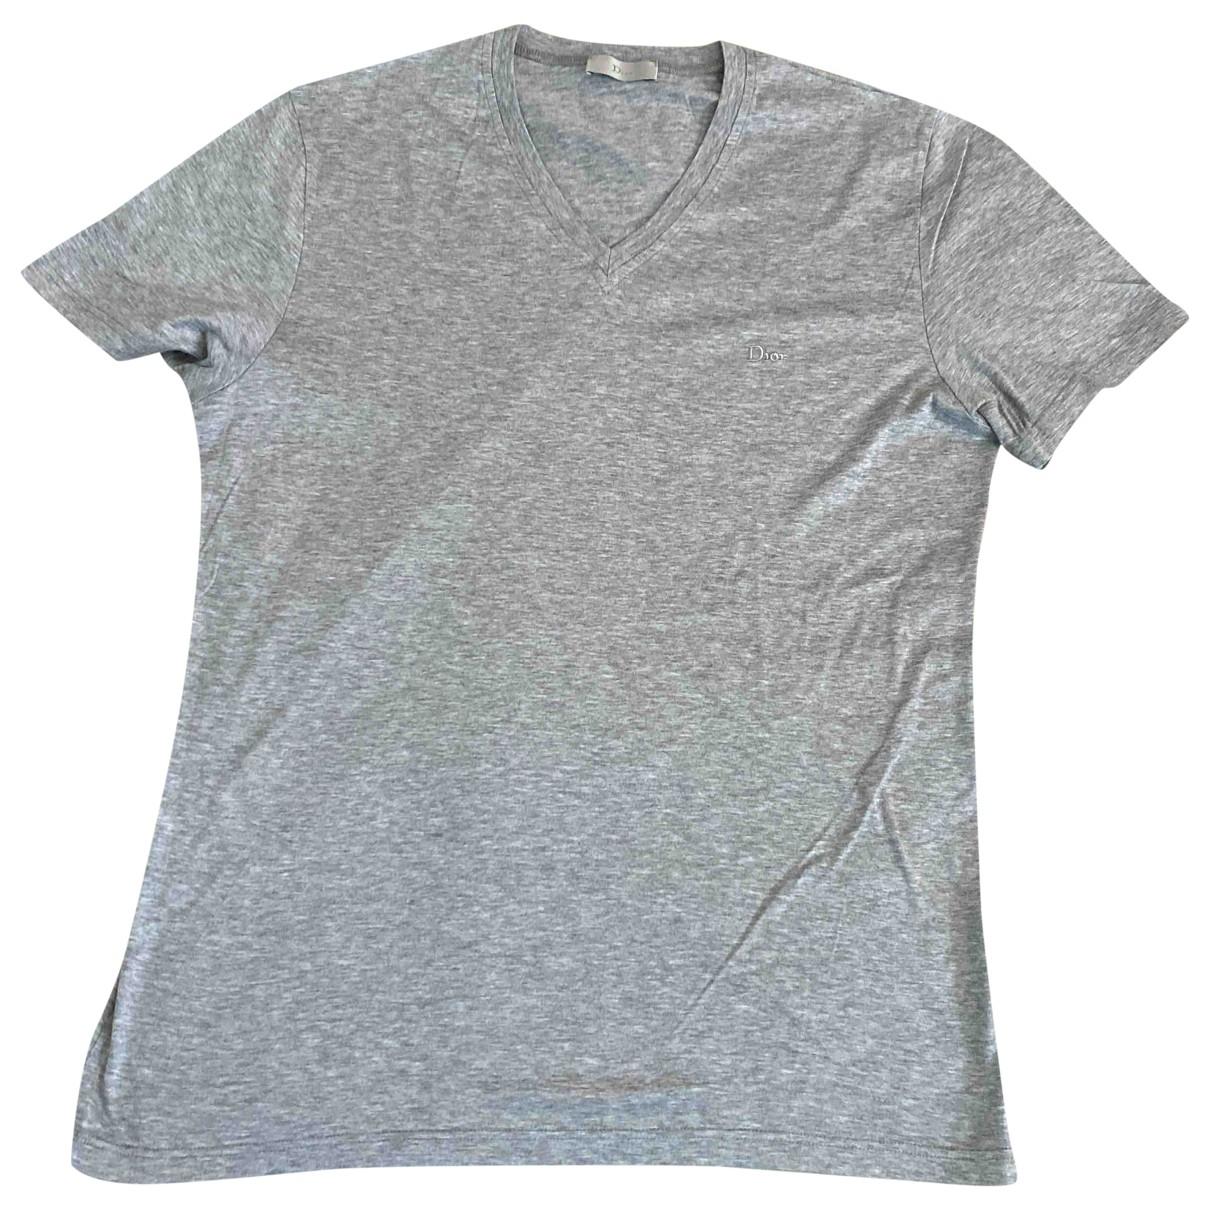 Dior Homme - Tee shirts   pour homme en coton - gris